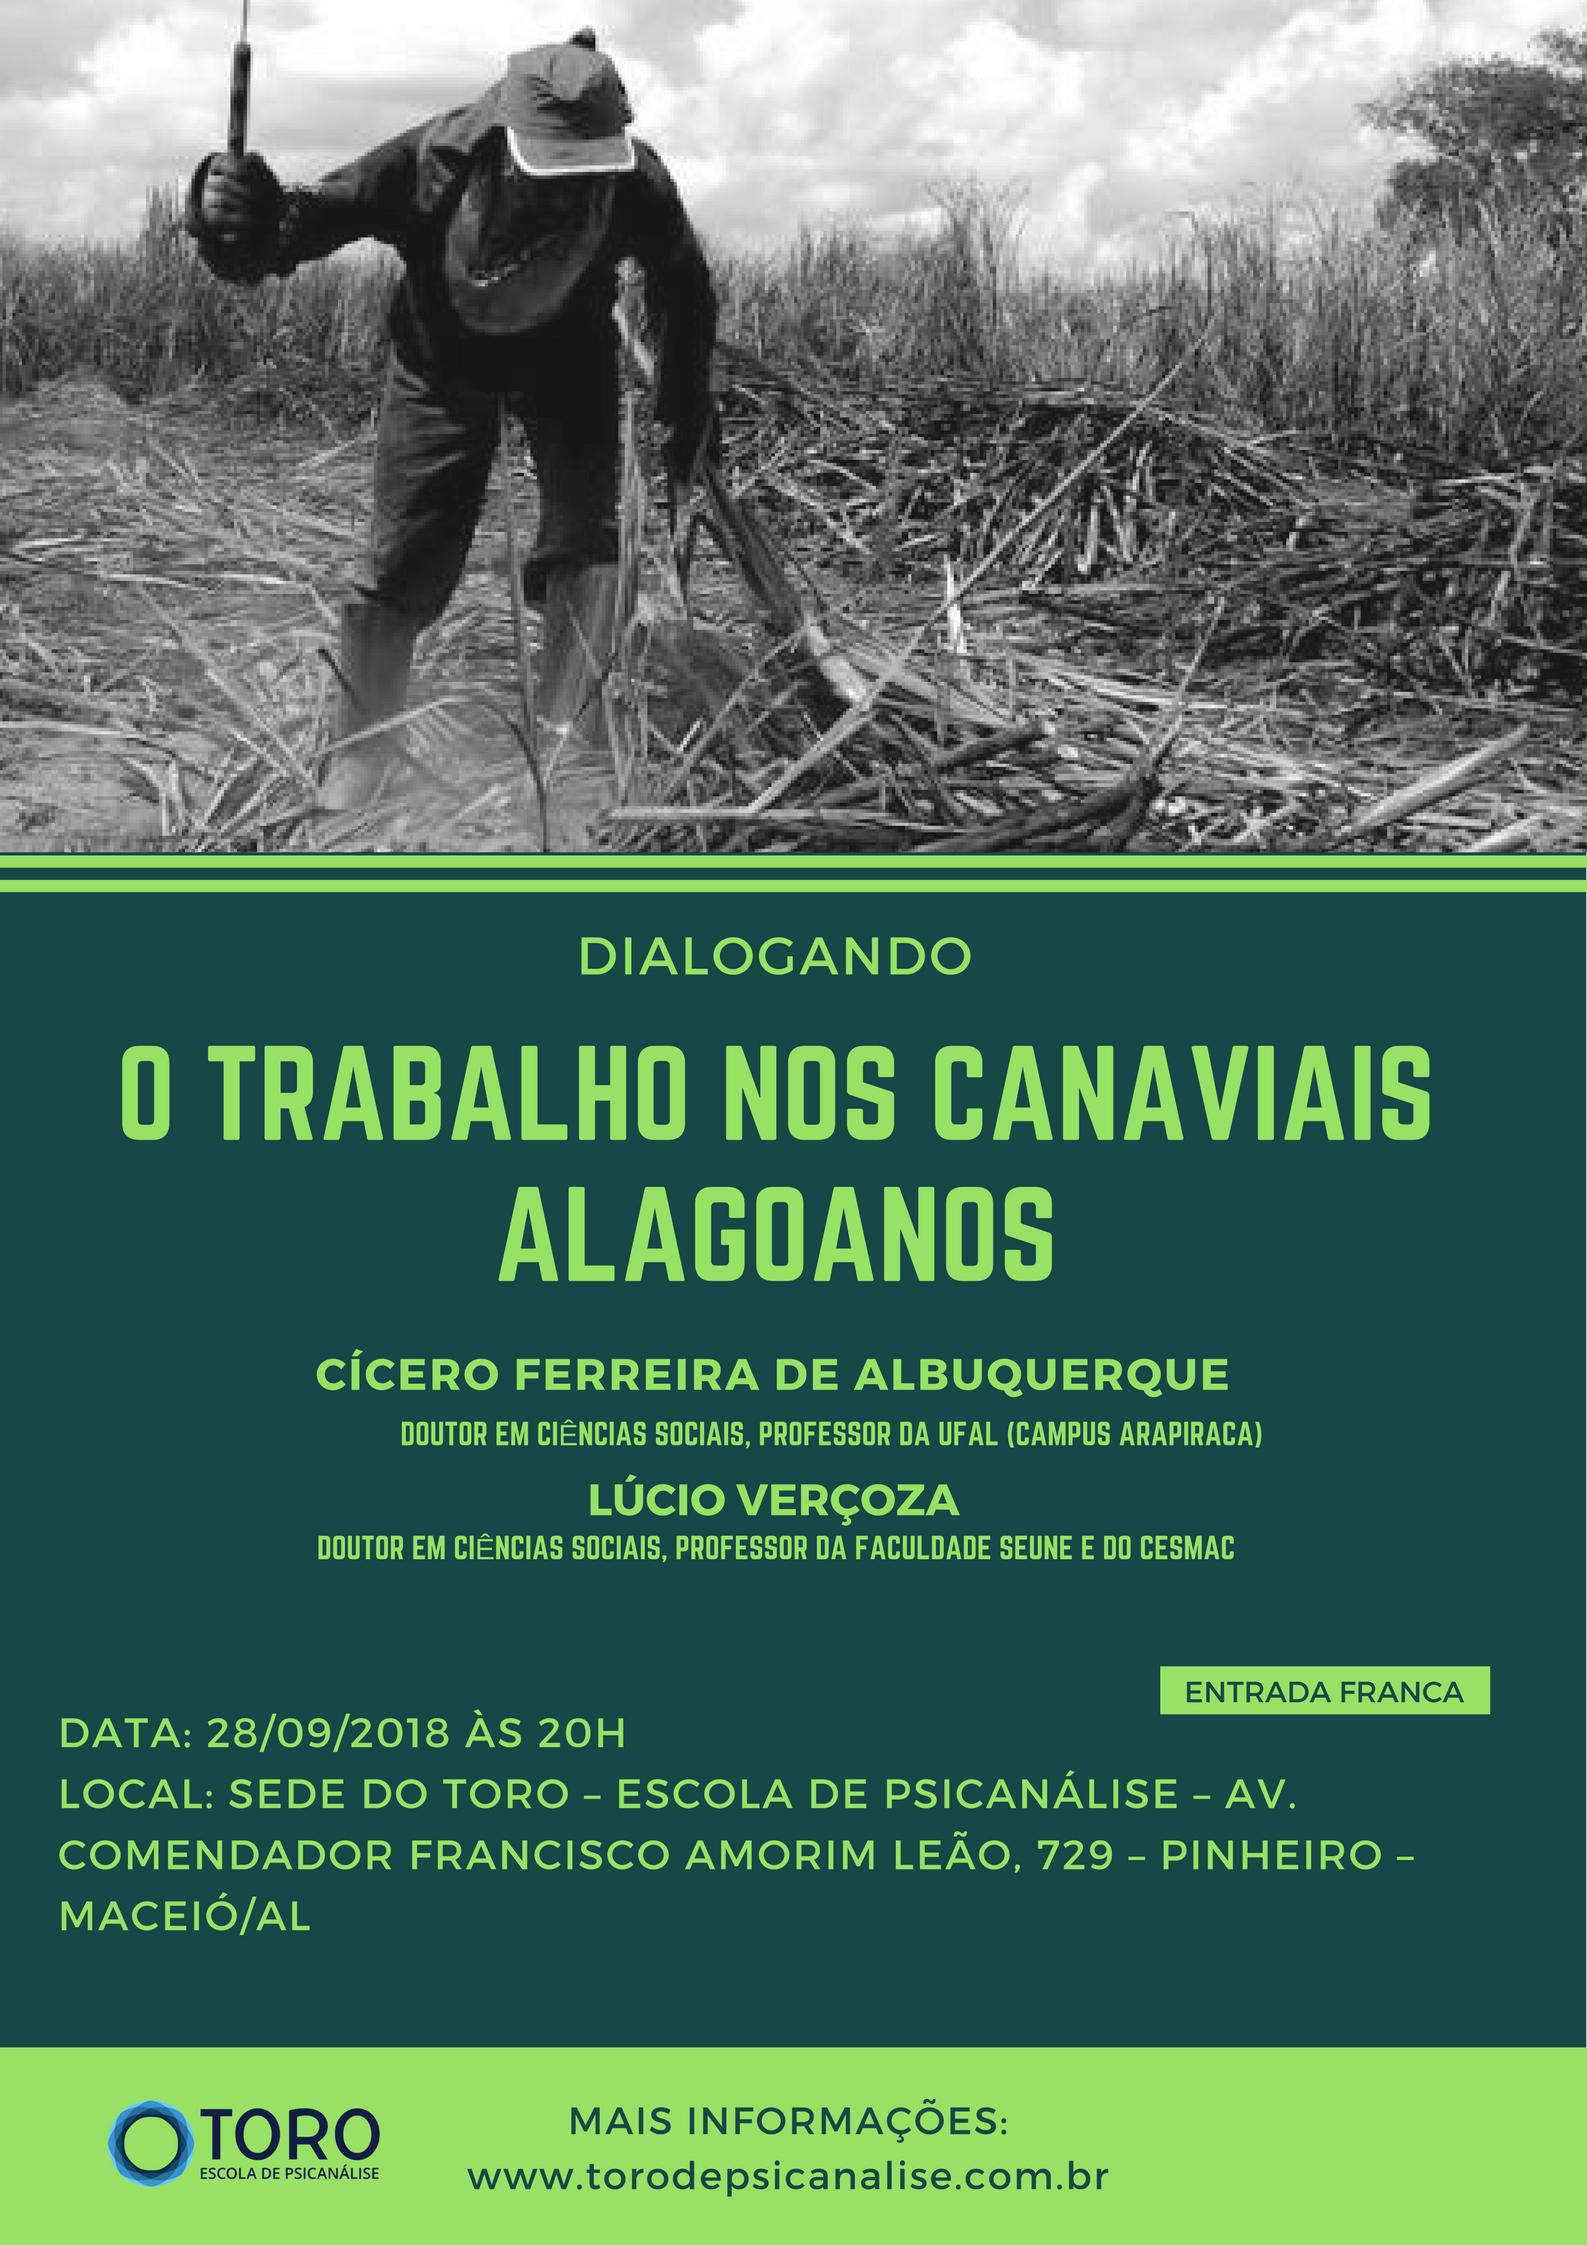 O TRABALHO NOS CANAVIAIS ALAGOANOS II